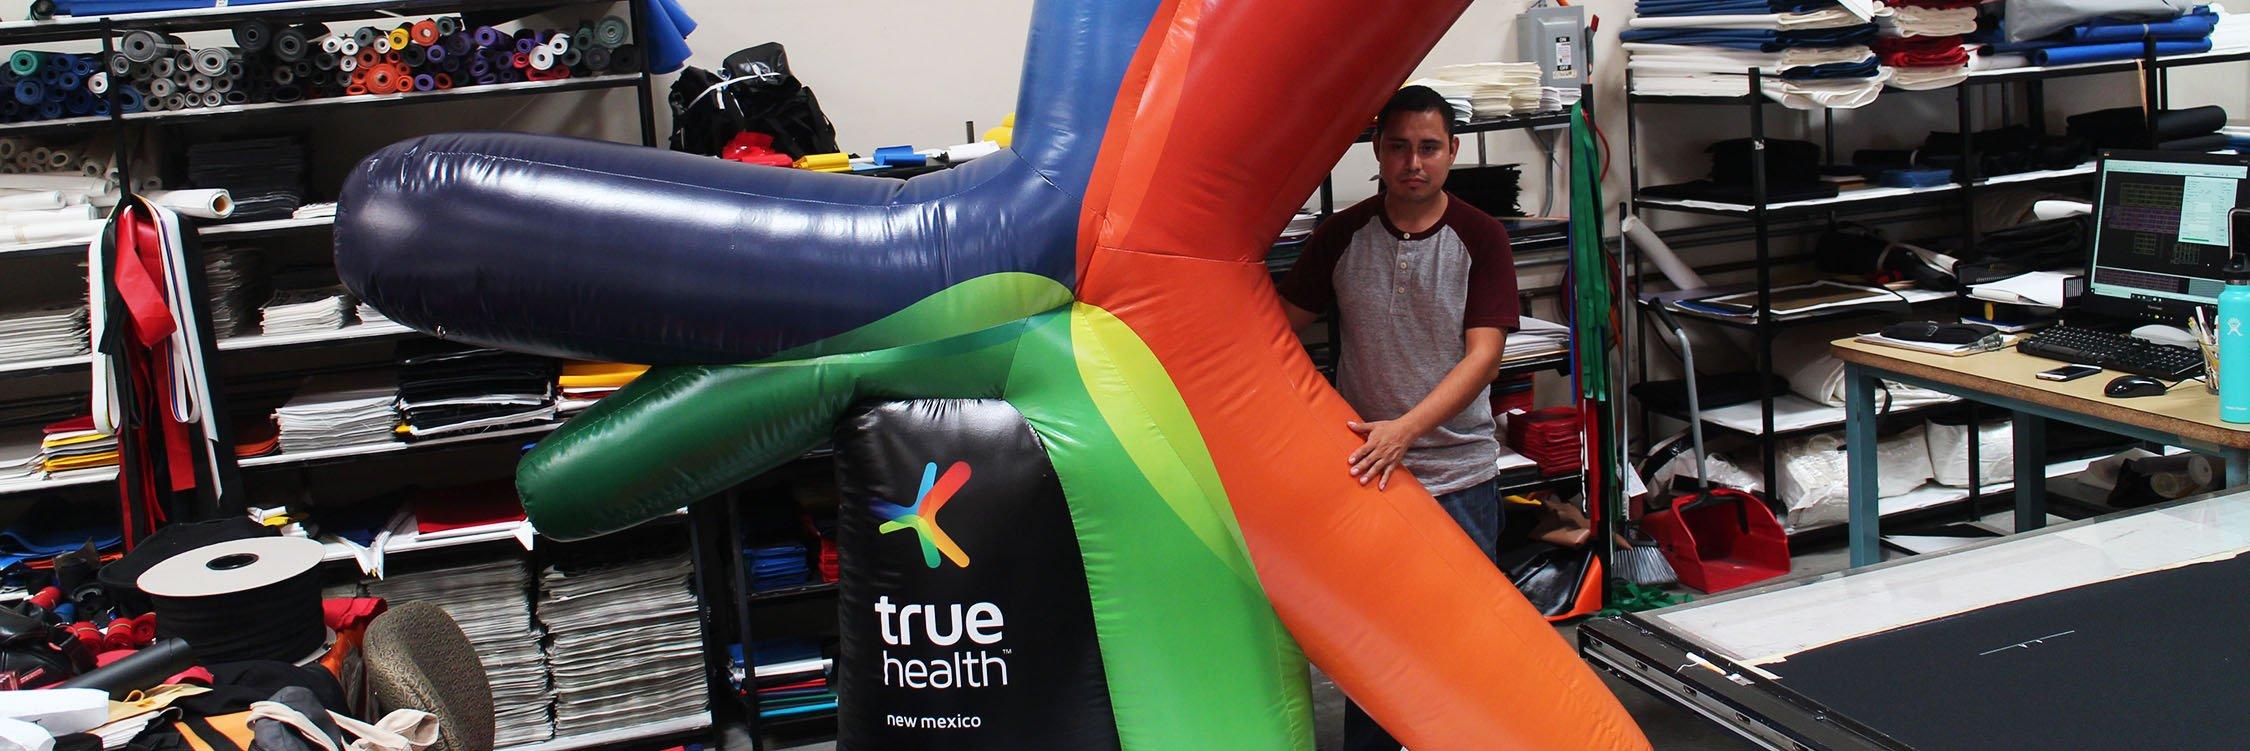 true-health-new-mexico-logo-replica